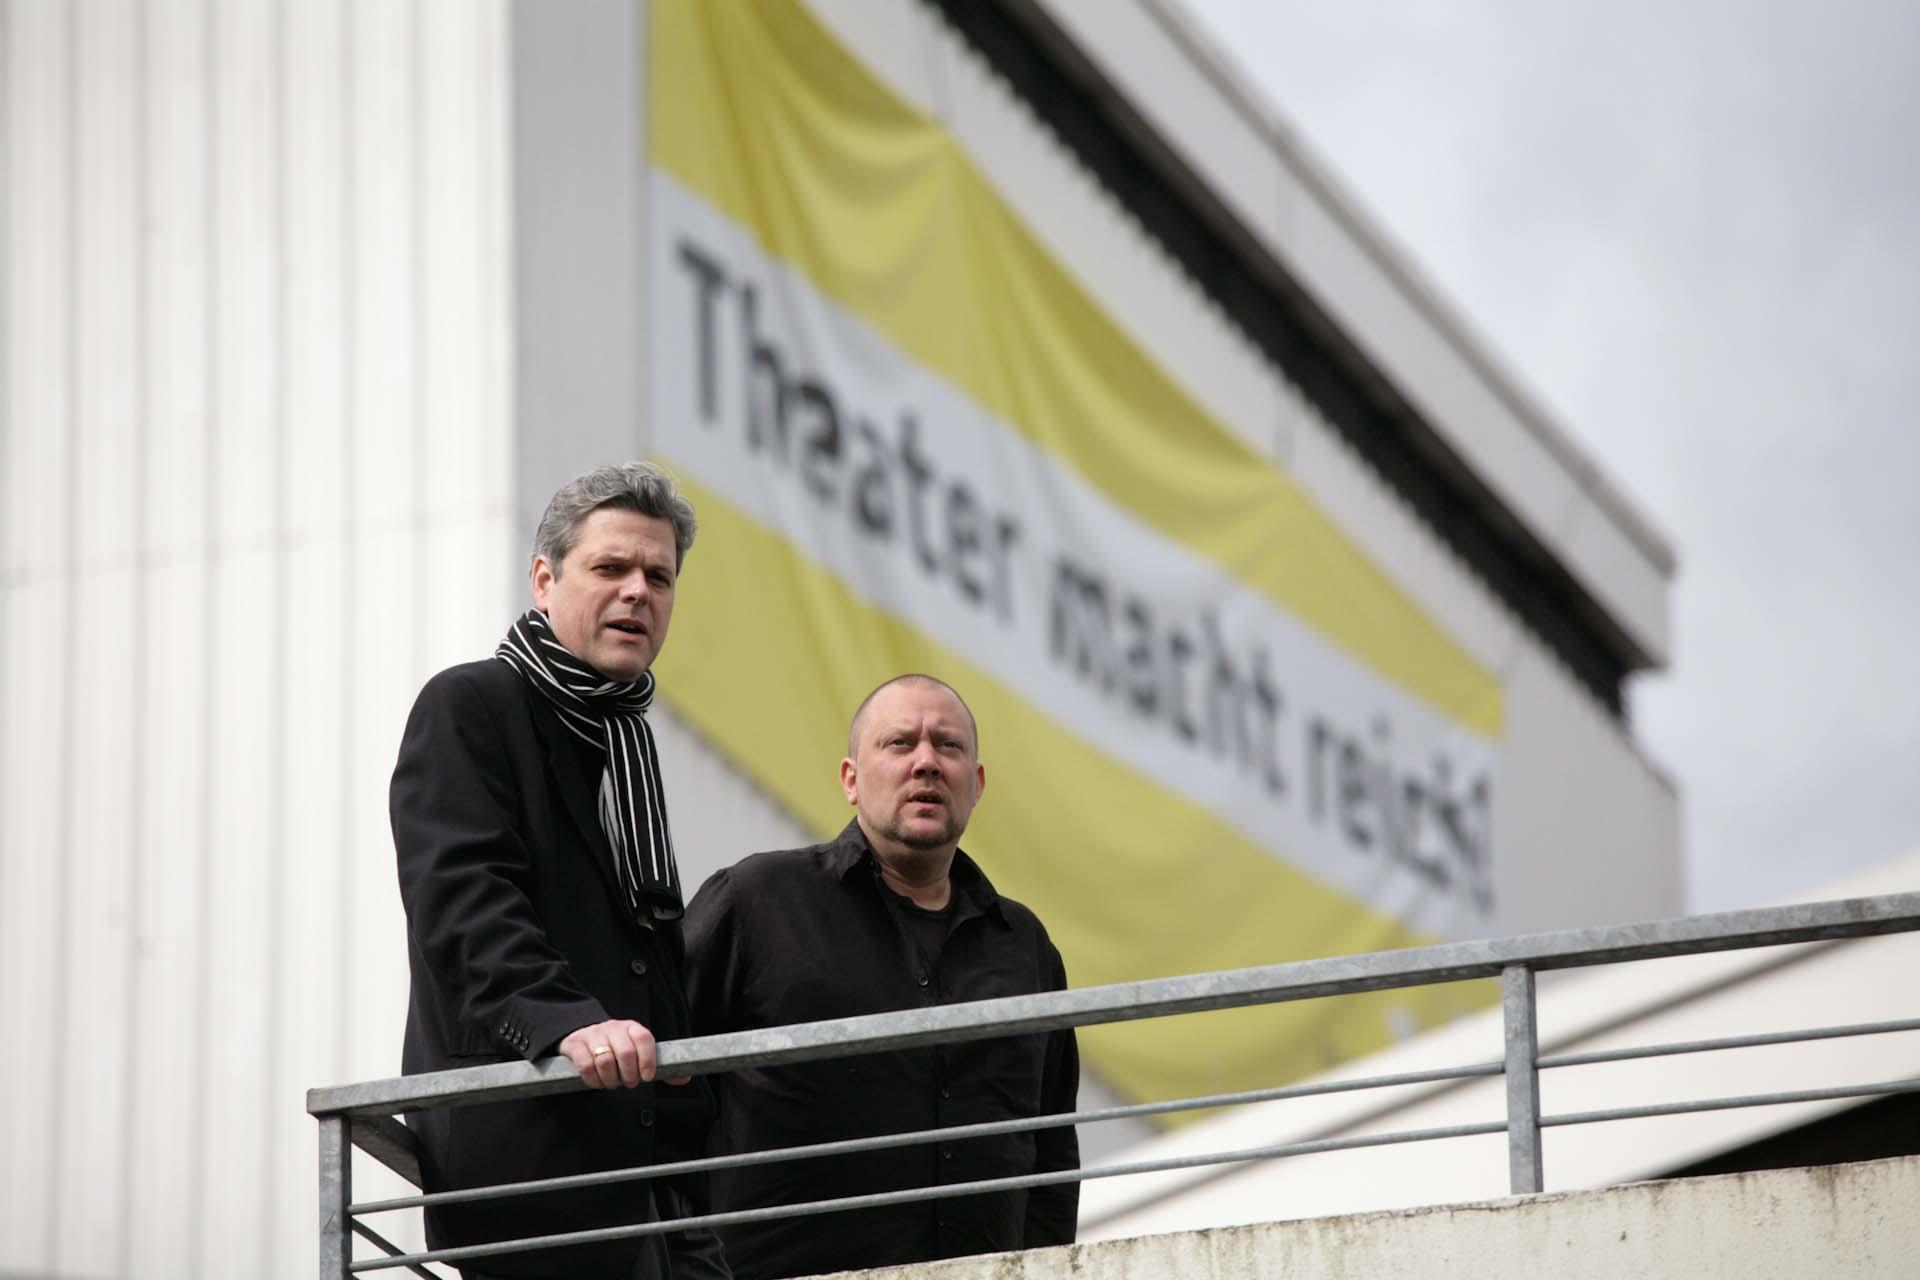 Die beiden Leiter der Wuppertaler Bühnen, konnten trotz viel Engagement die Schließung des Schauspielhauses, welches 1966 durch Heinrich Böll eröffnet wurde, nicht verhindern